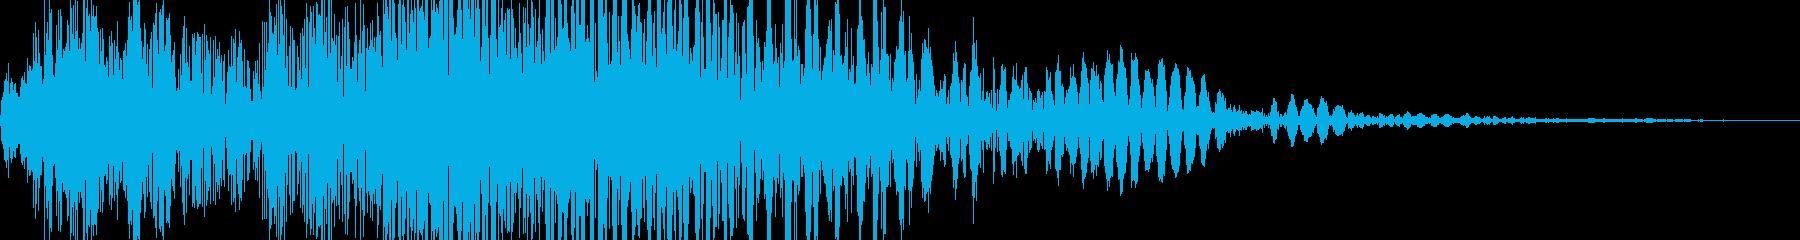 プシューン(決定 魔法 インパクト)の再生済みの波形